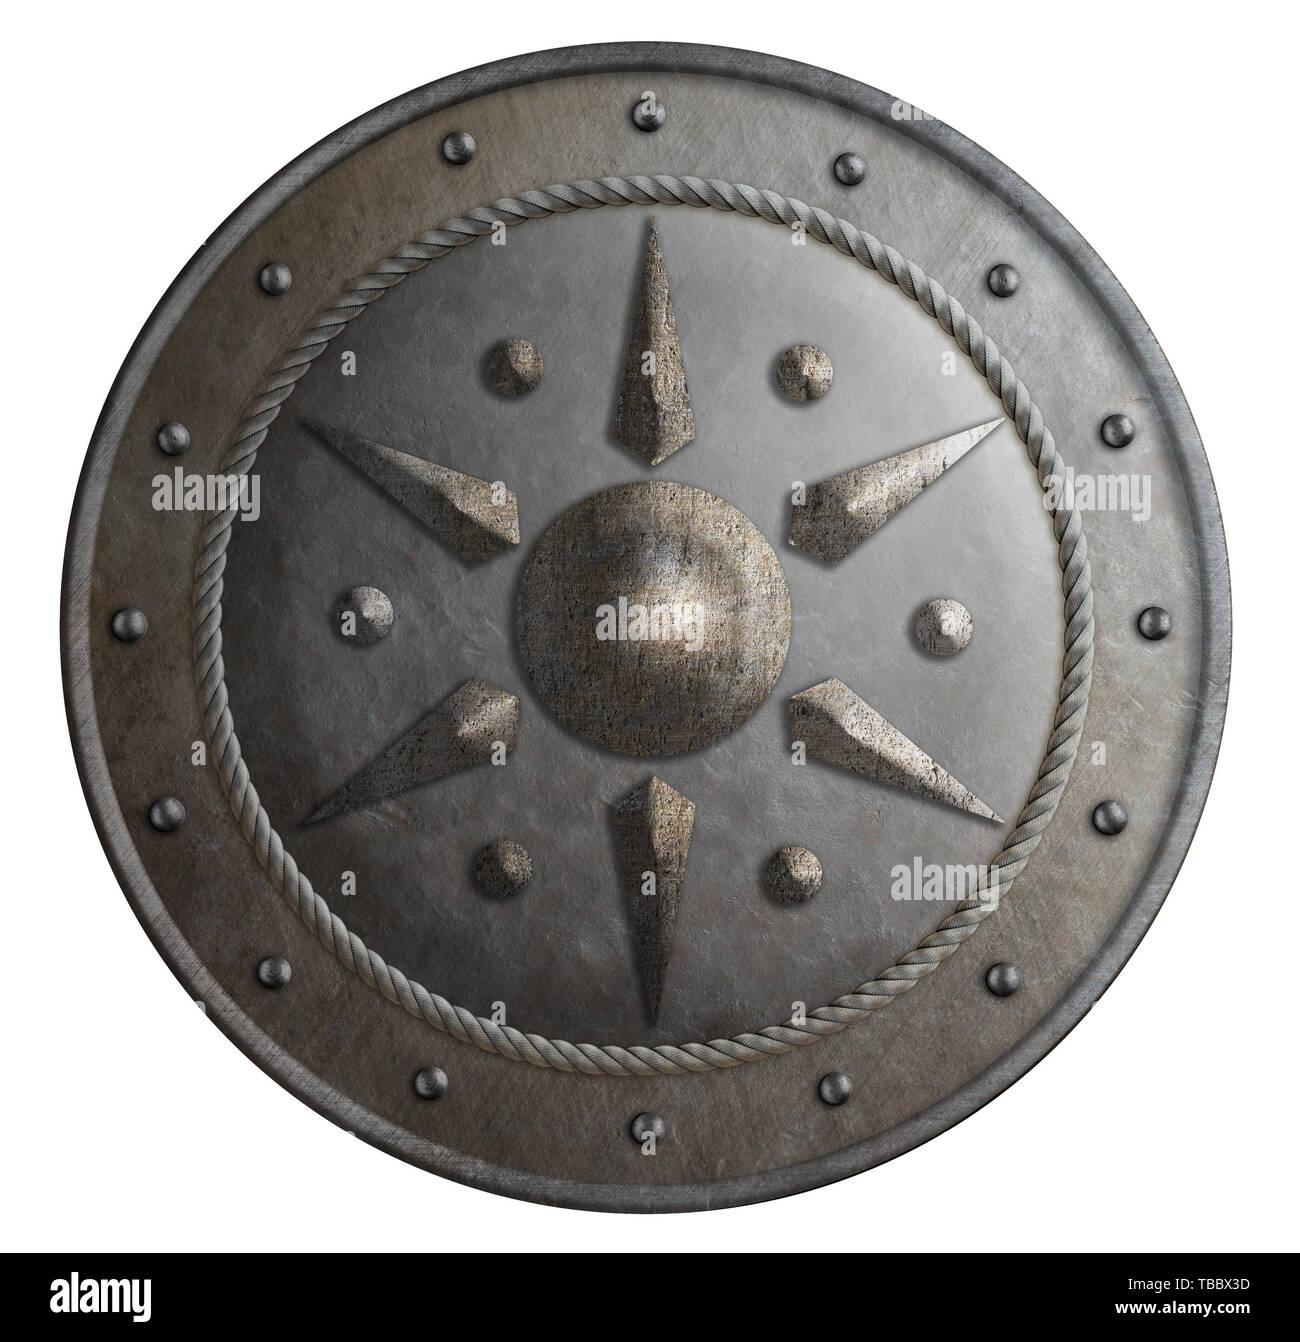 Runde Metallabdeckung isoliert 3 Abbildung d Stockbild